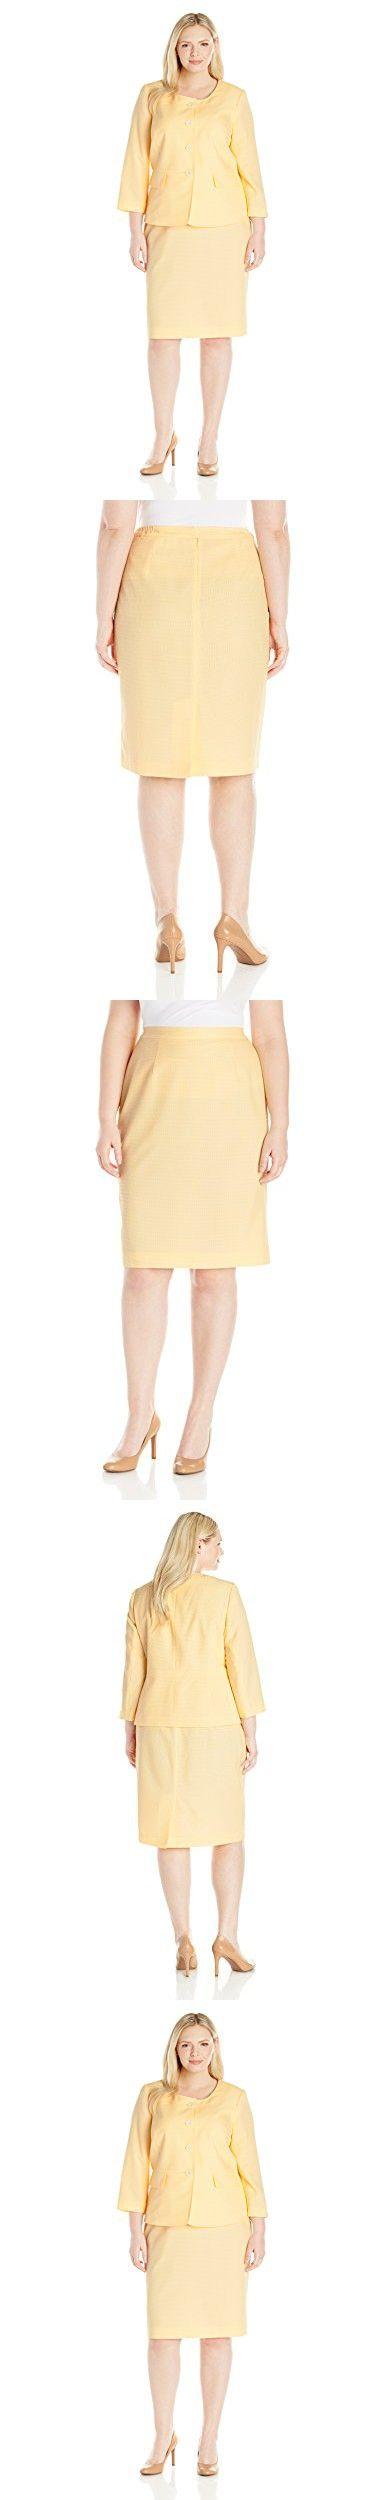 Le Suit Women's Plus Size Seersucker 4 Button Jacket Skirt, Sunshine/White, 24W